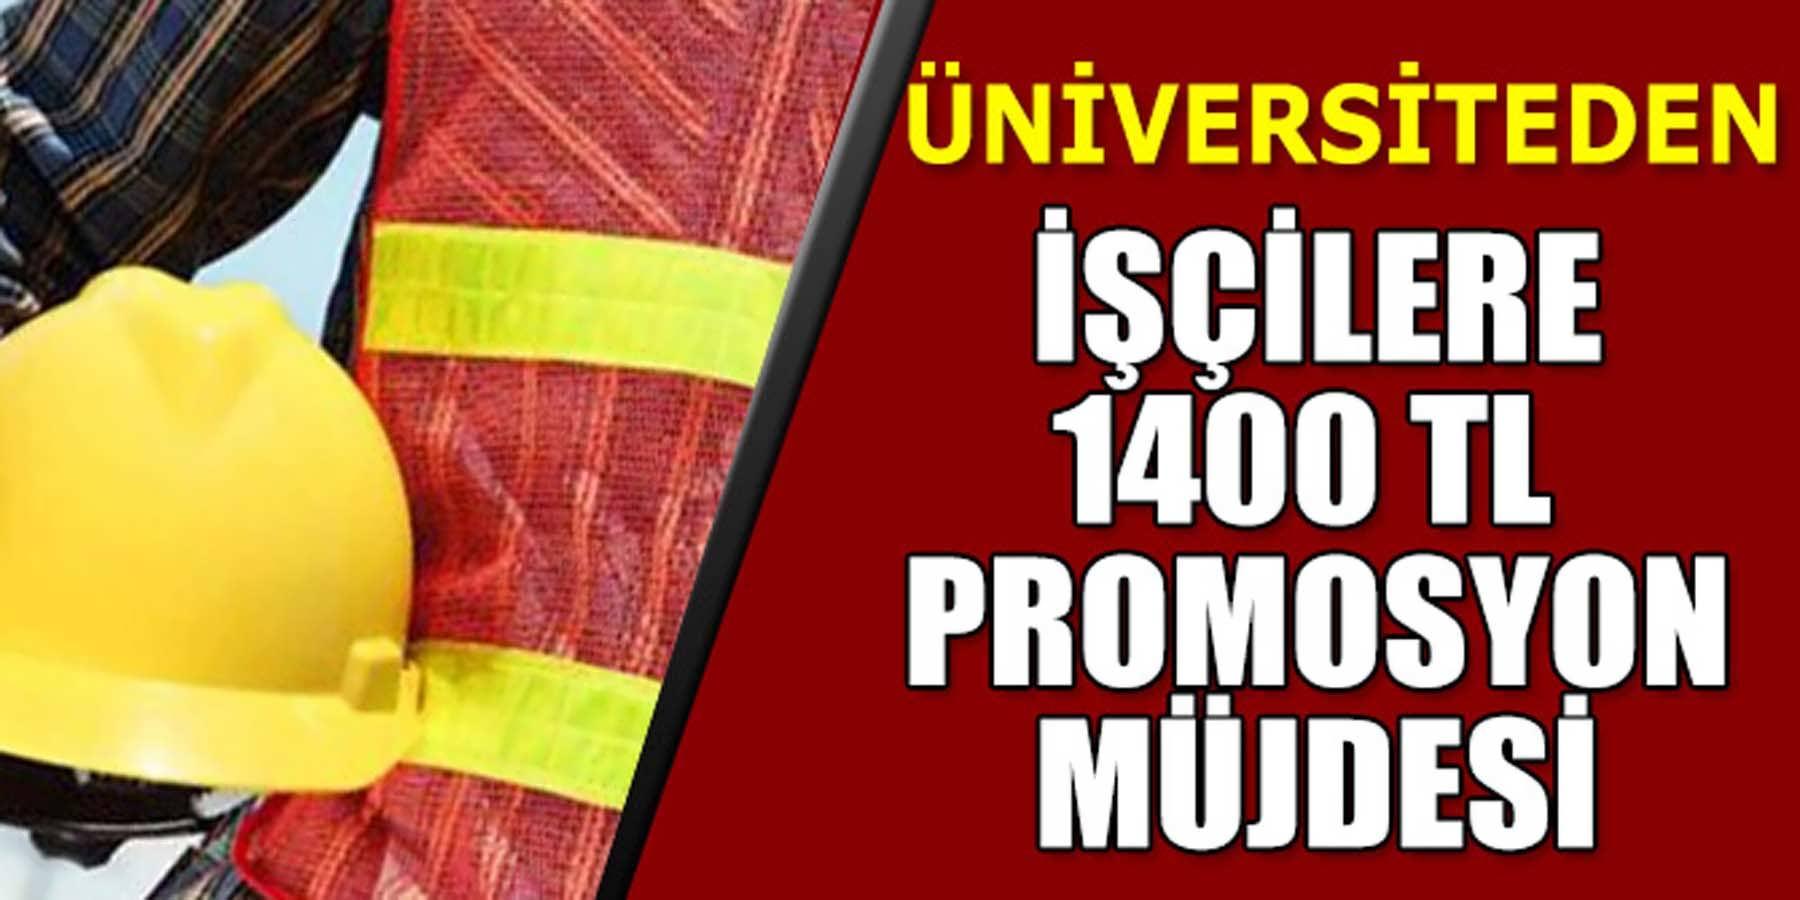 Üniversiteden Bünyesinde Çalışan İşçilere 1400 TL Promosyon